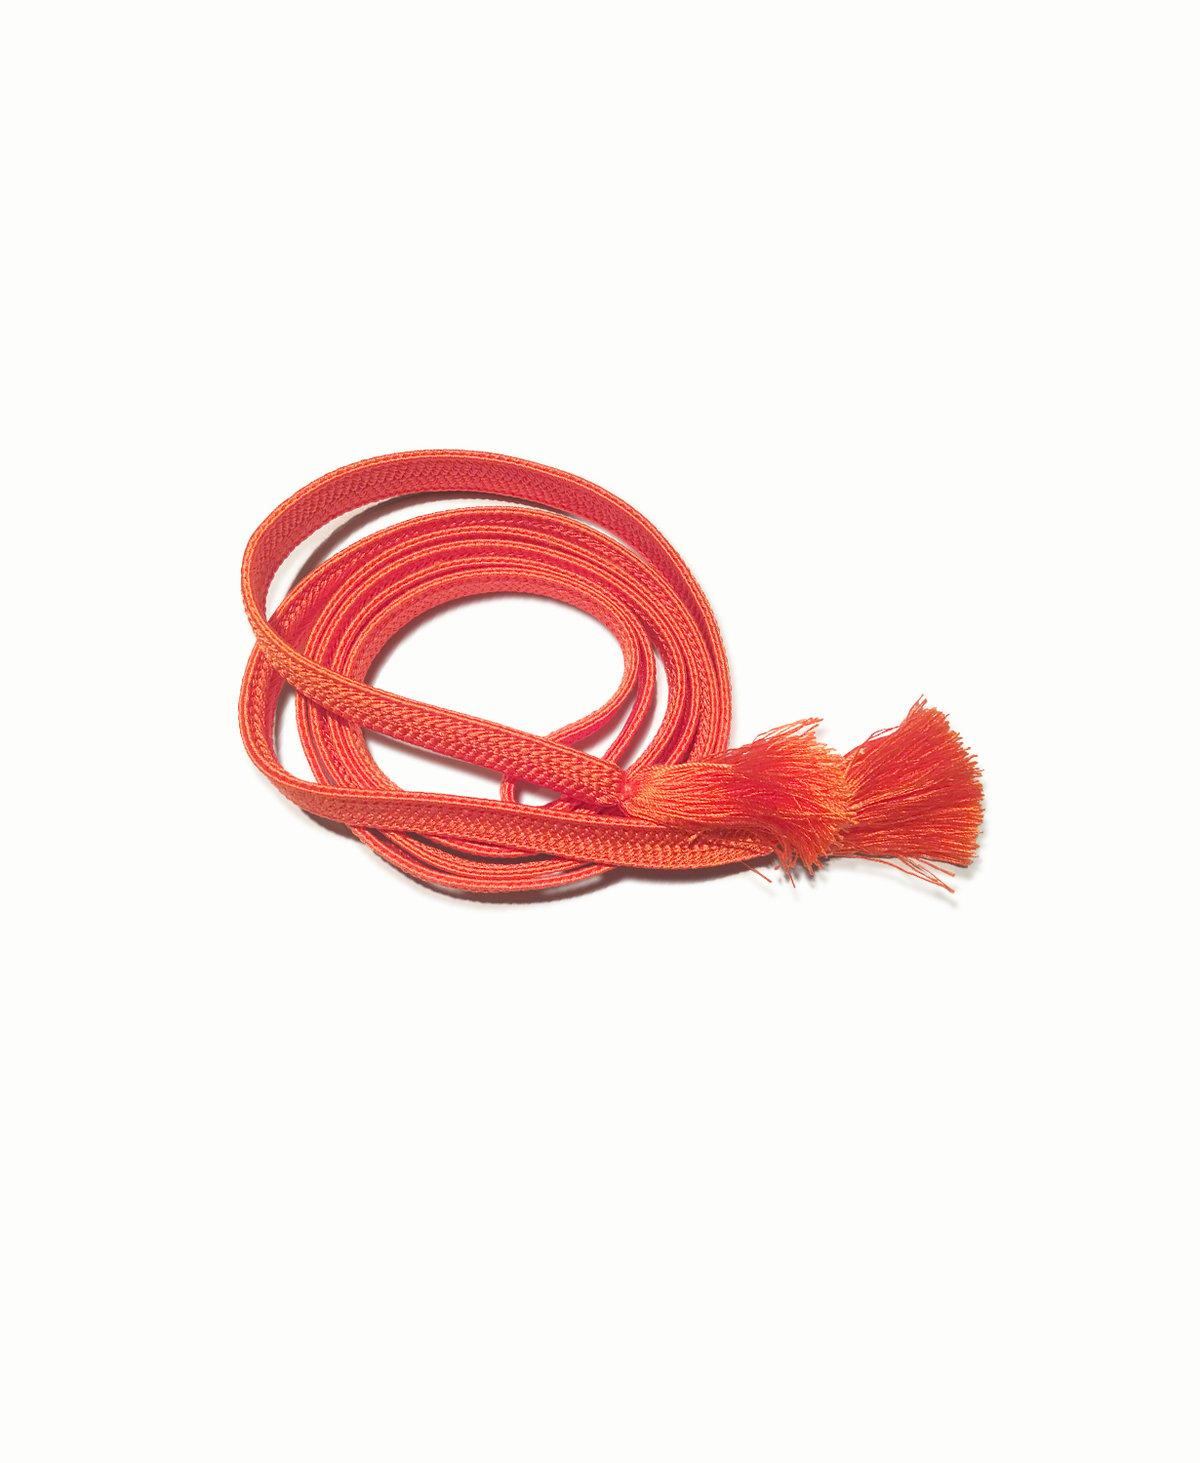 Image of Orangerødt silkebælte